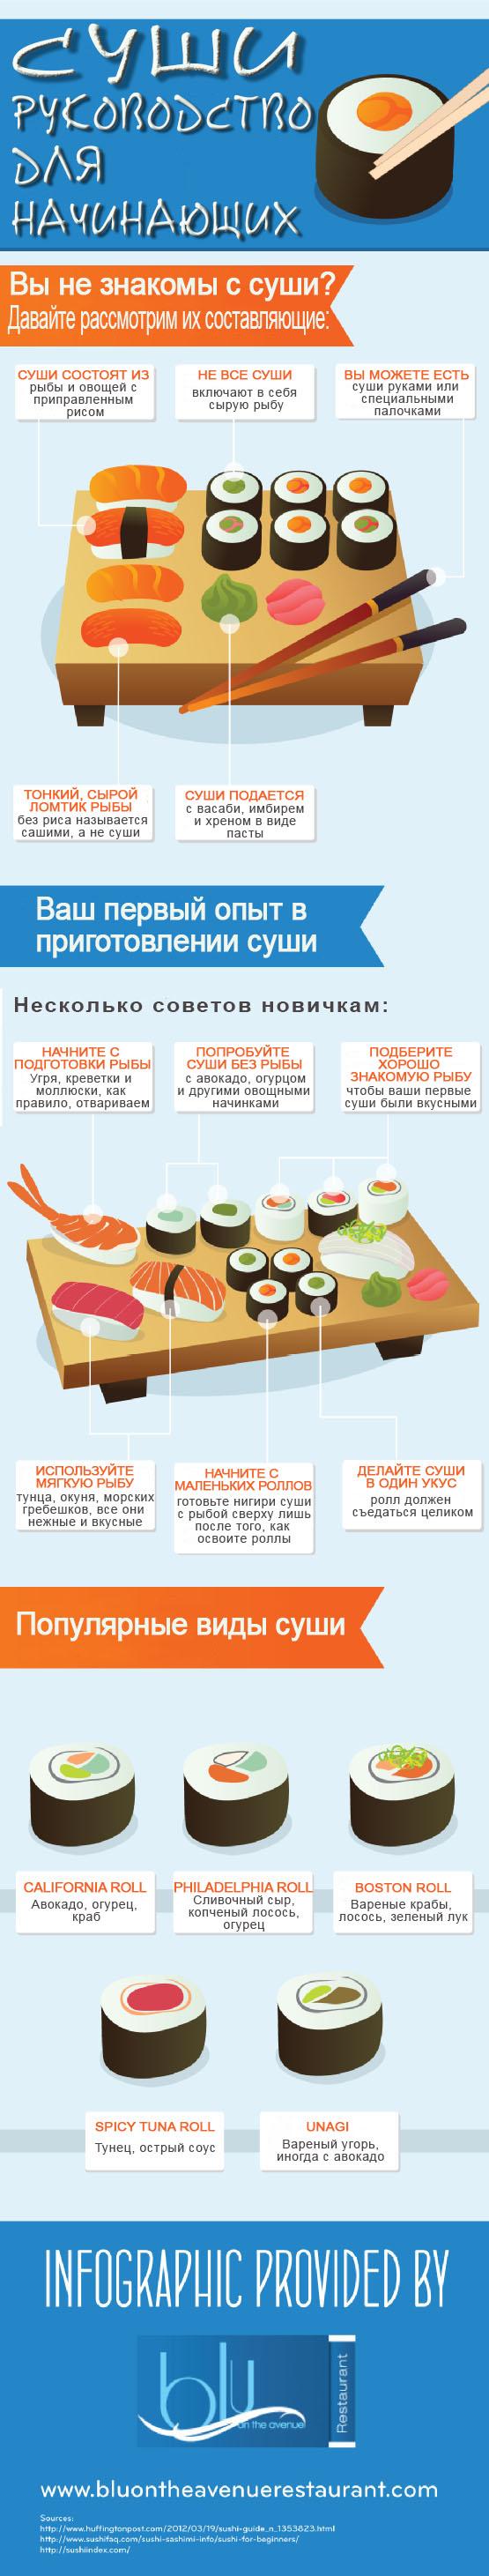 Как приготовить суши дома фото пошаговая инструкция - d